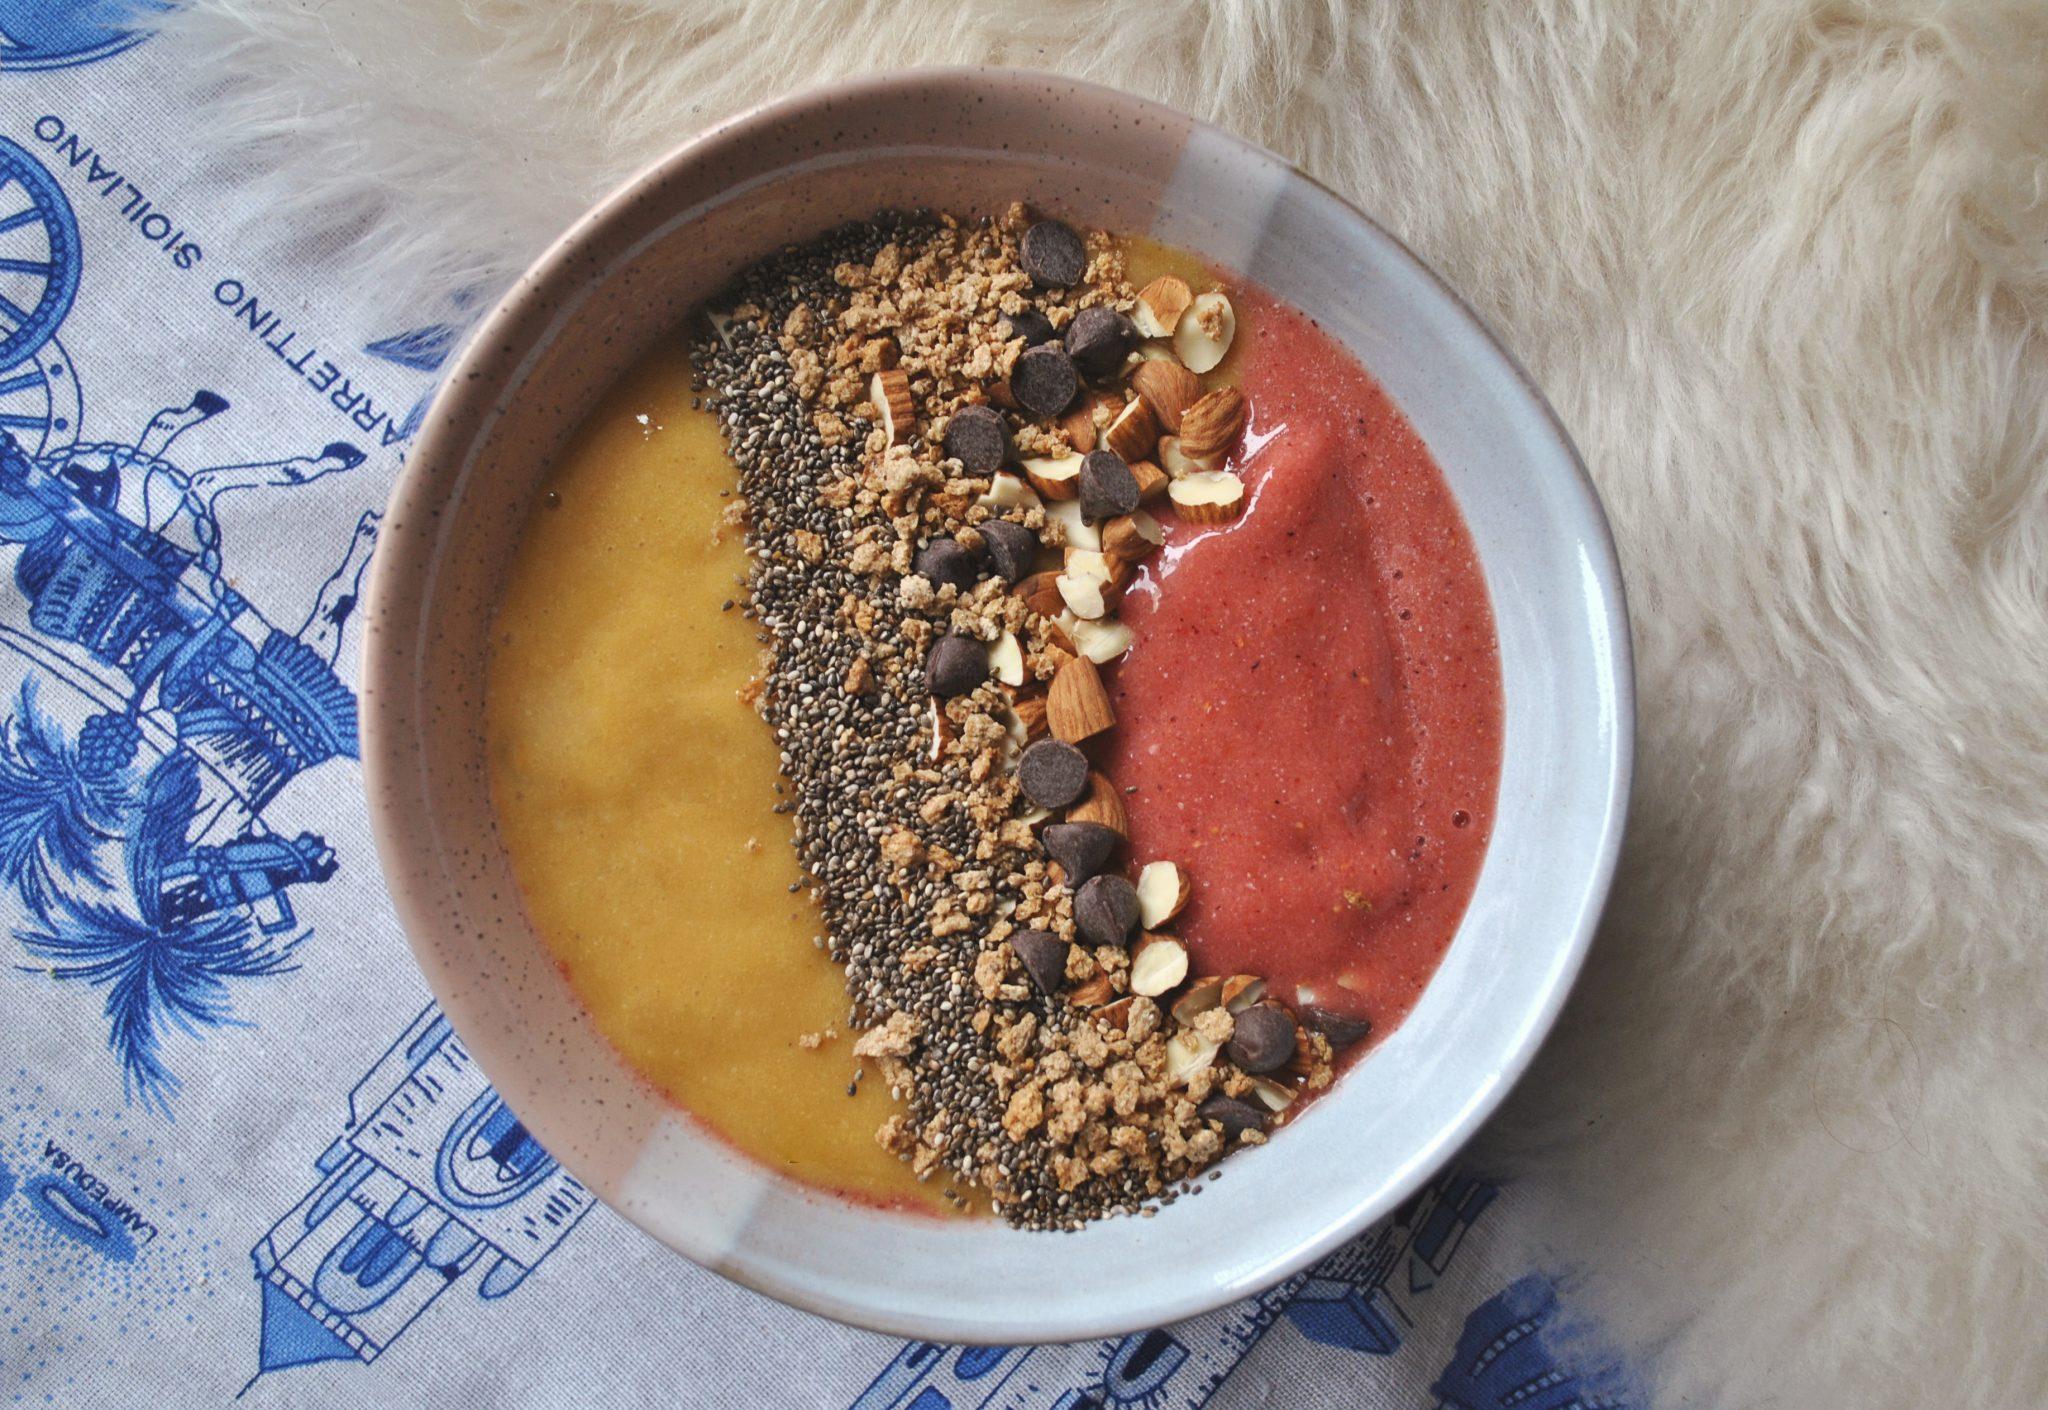 The-Hungarian-Brunette-Sunrise-sunset-smoothie-bowl.jpg